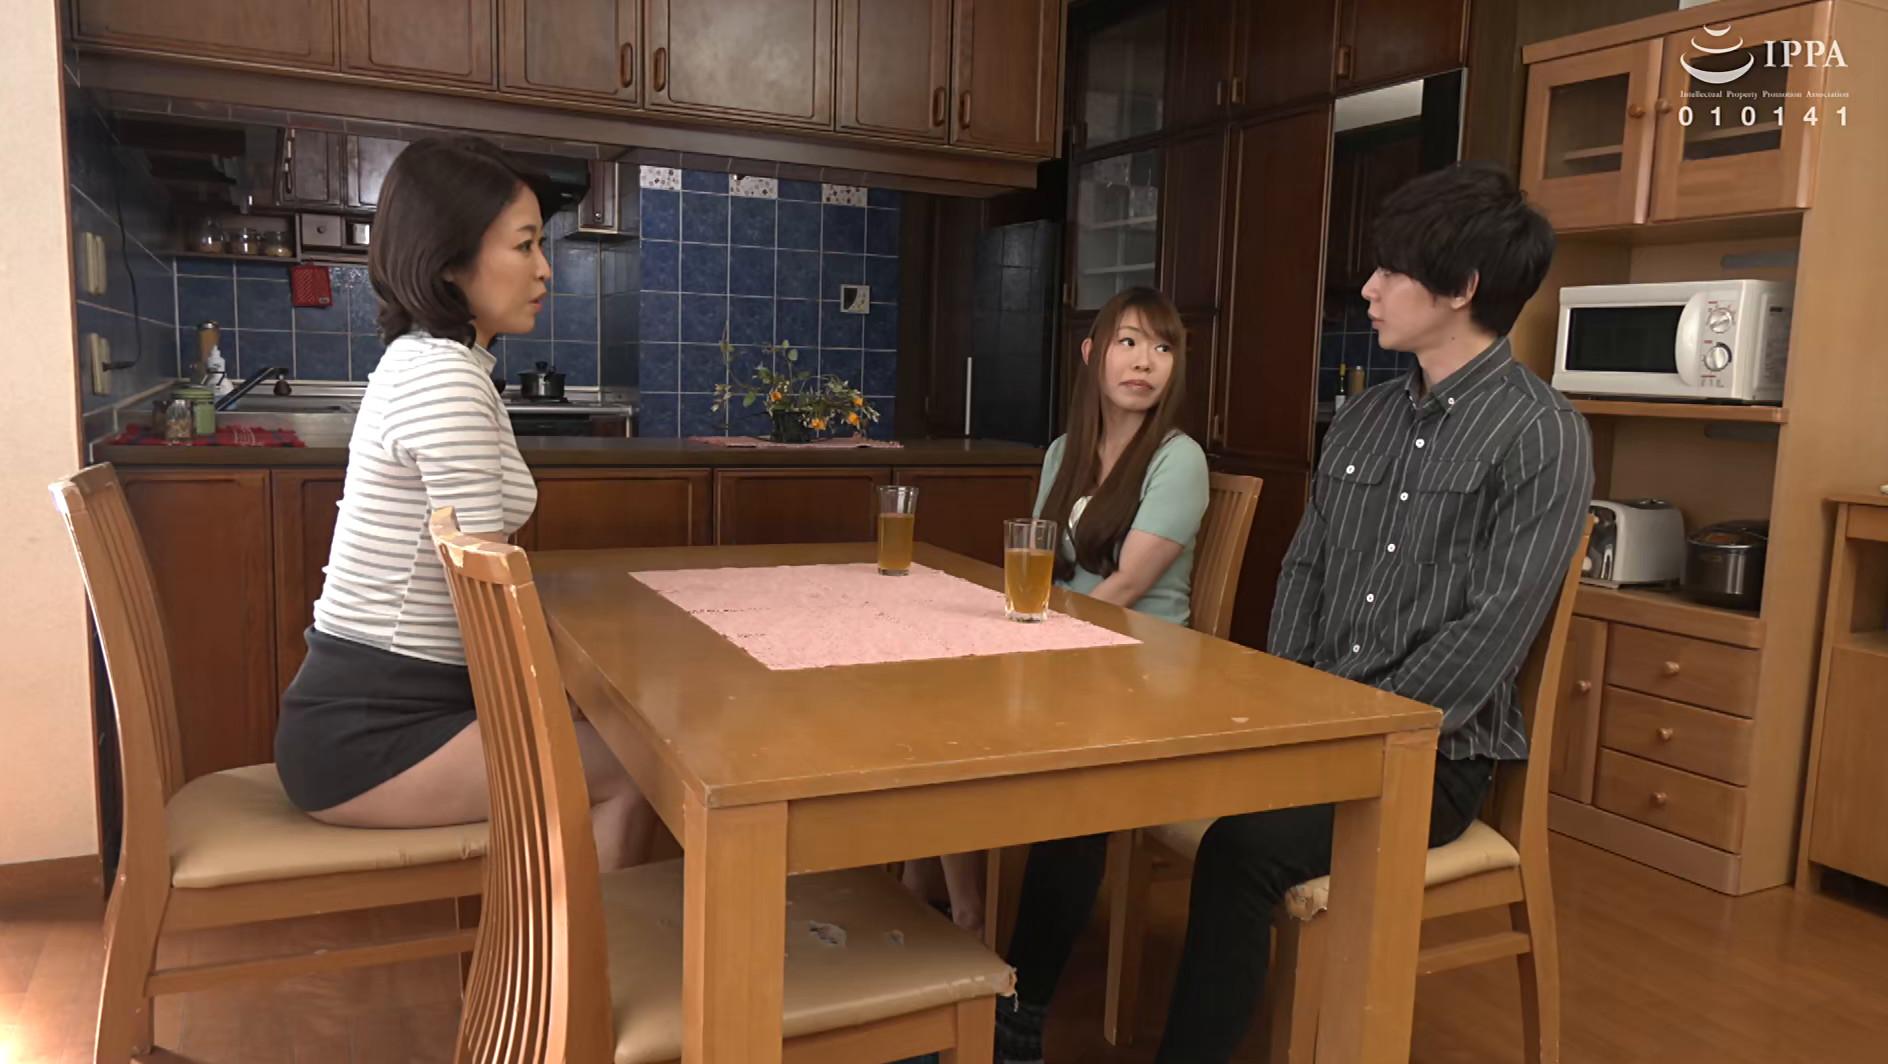 彼女の母親がエロ下着と中出しで彼氏を誘惑しはじめた 青山涼香 四十六歳 画像1